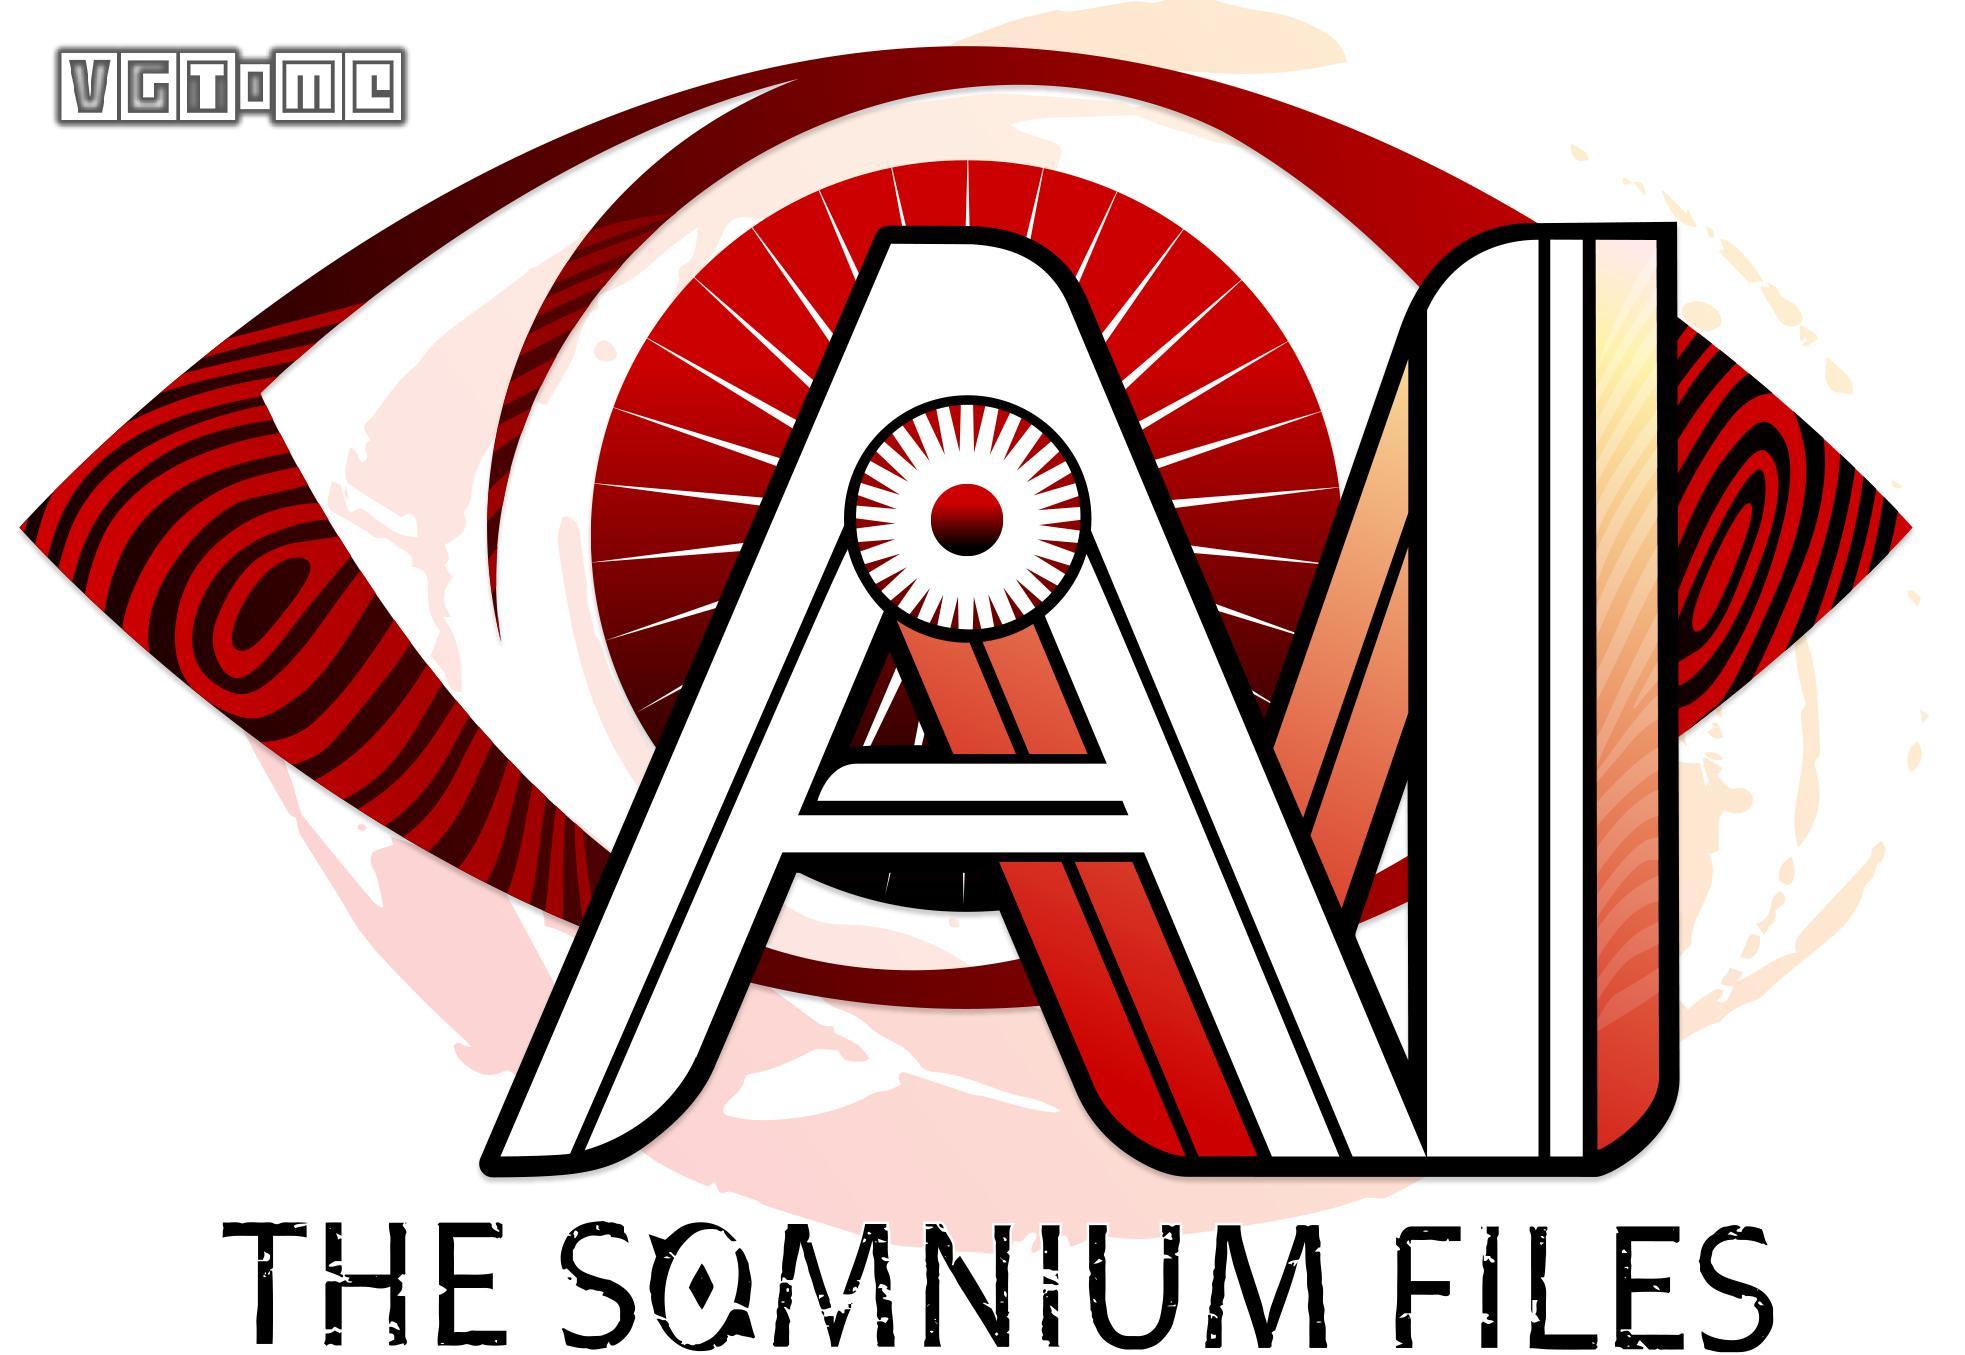 打越钢太郎新作《AI:梦境档案》发售日延期至9月19日